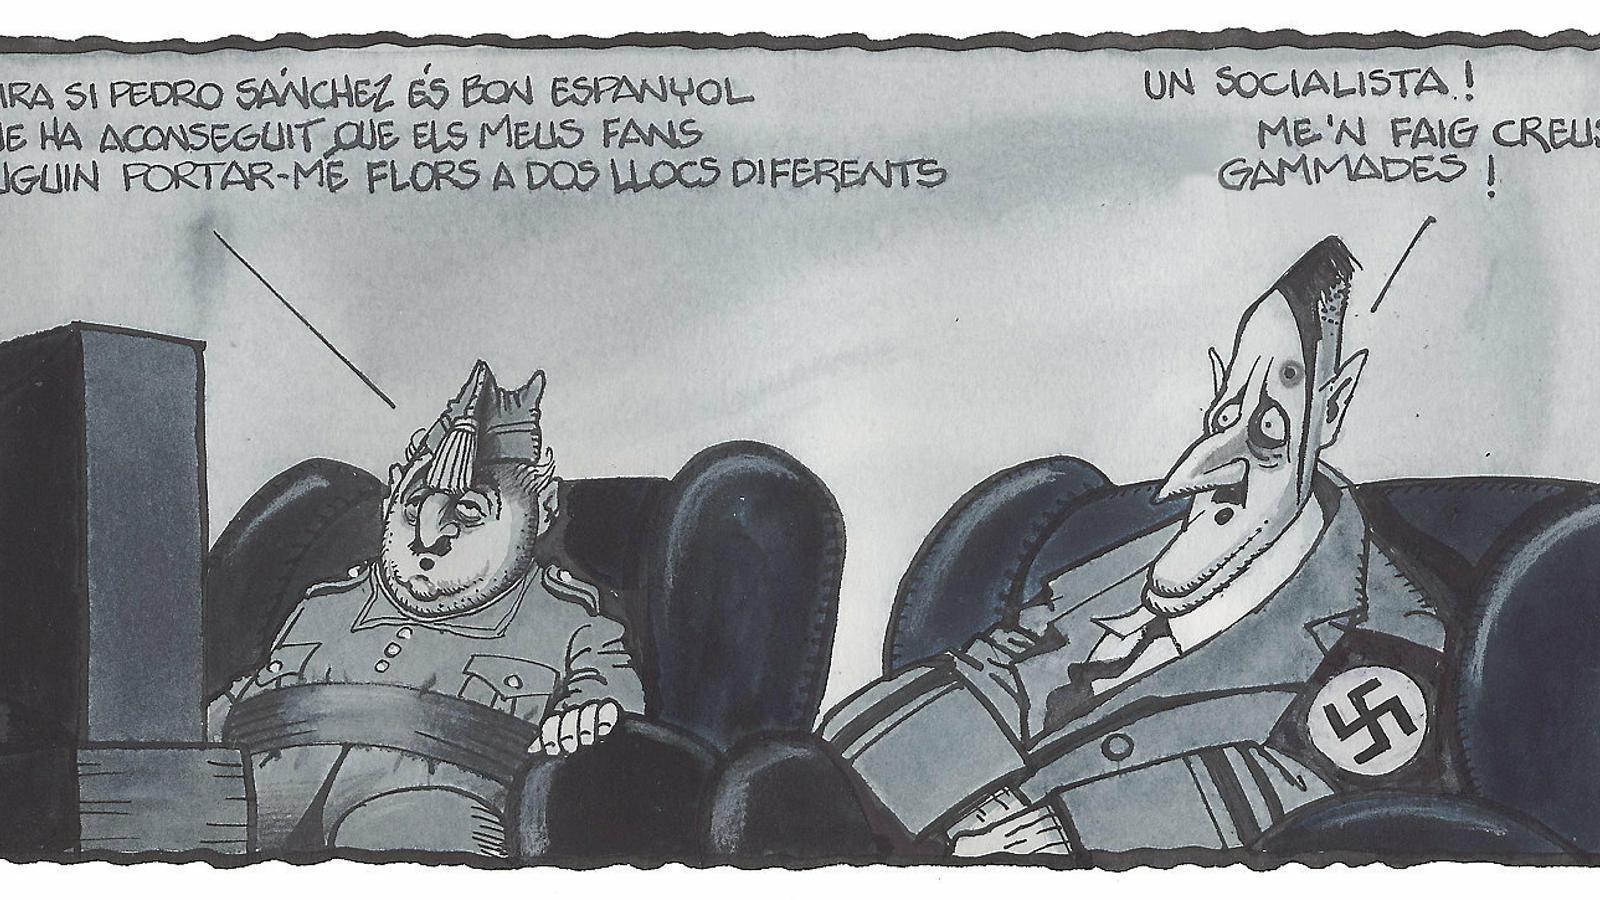 'A la contra', per Ferreres 02/11/2019